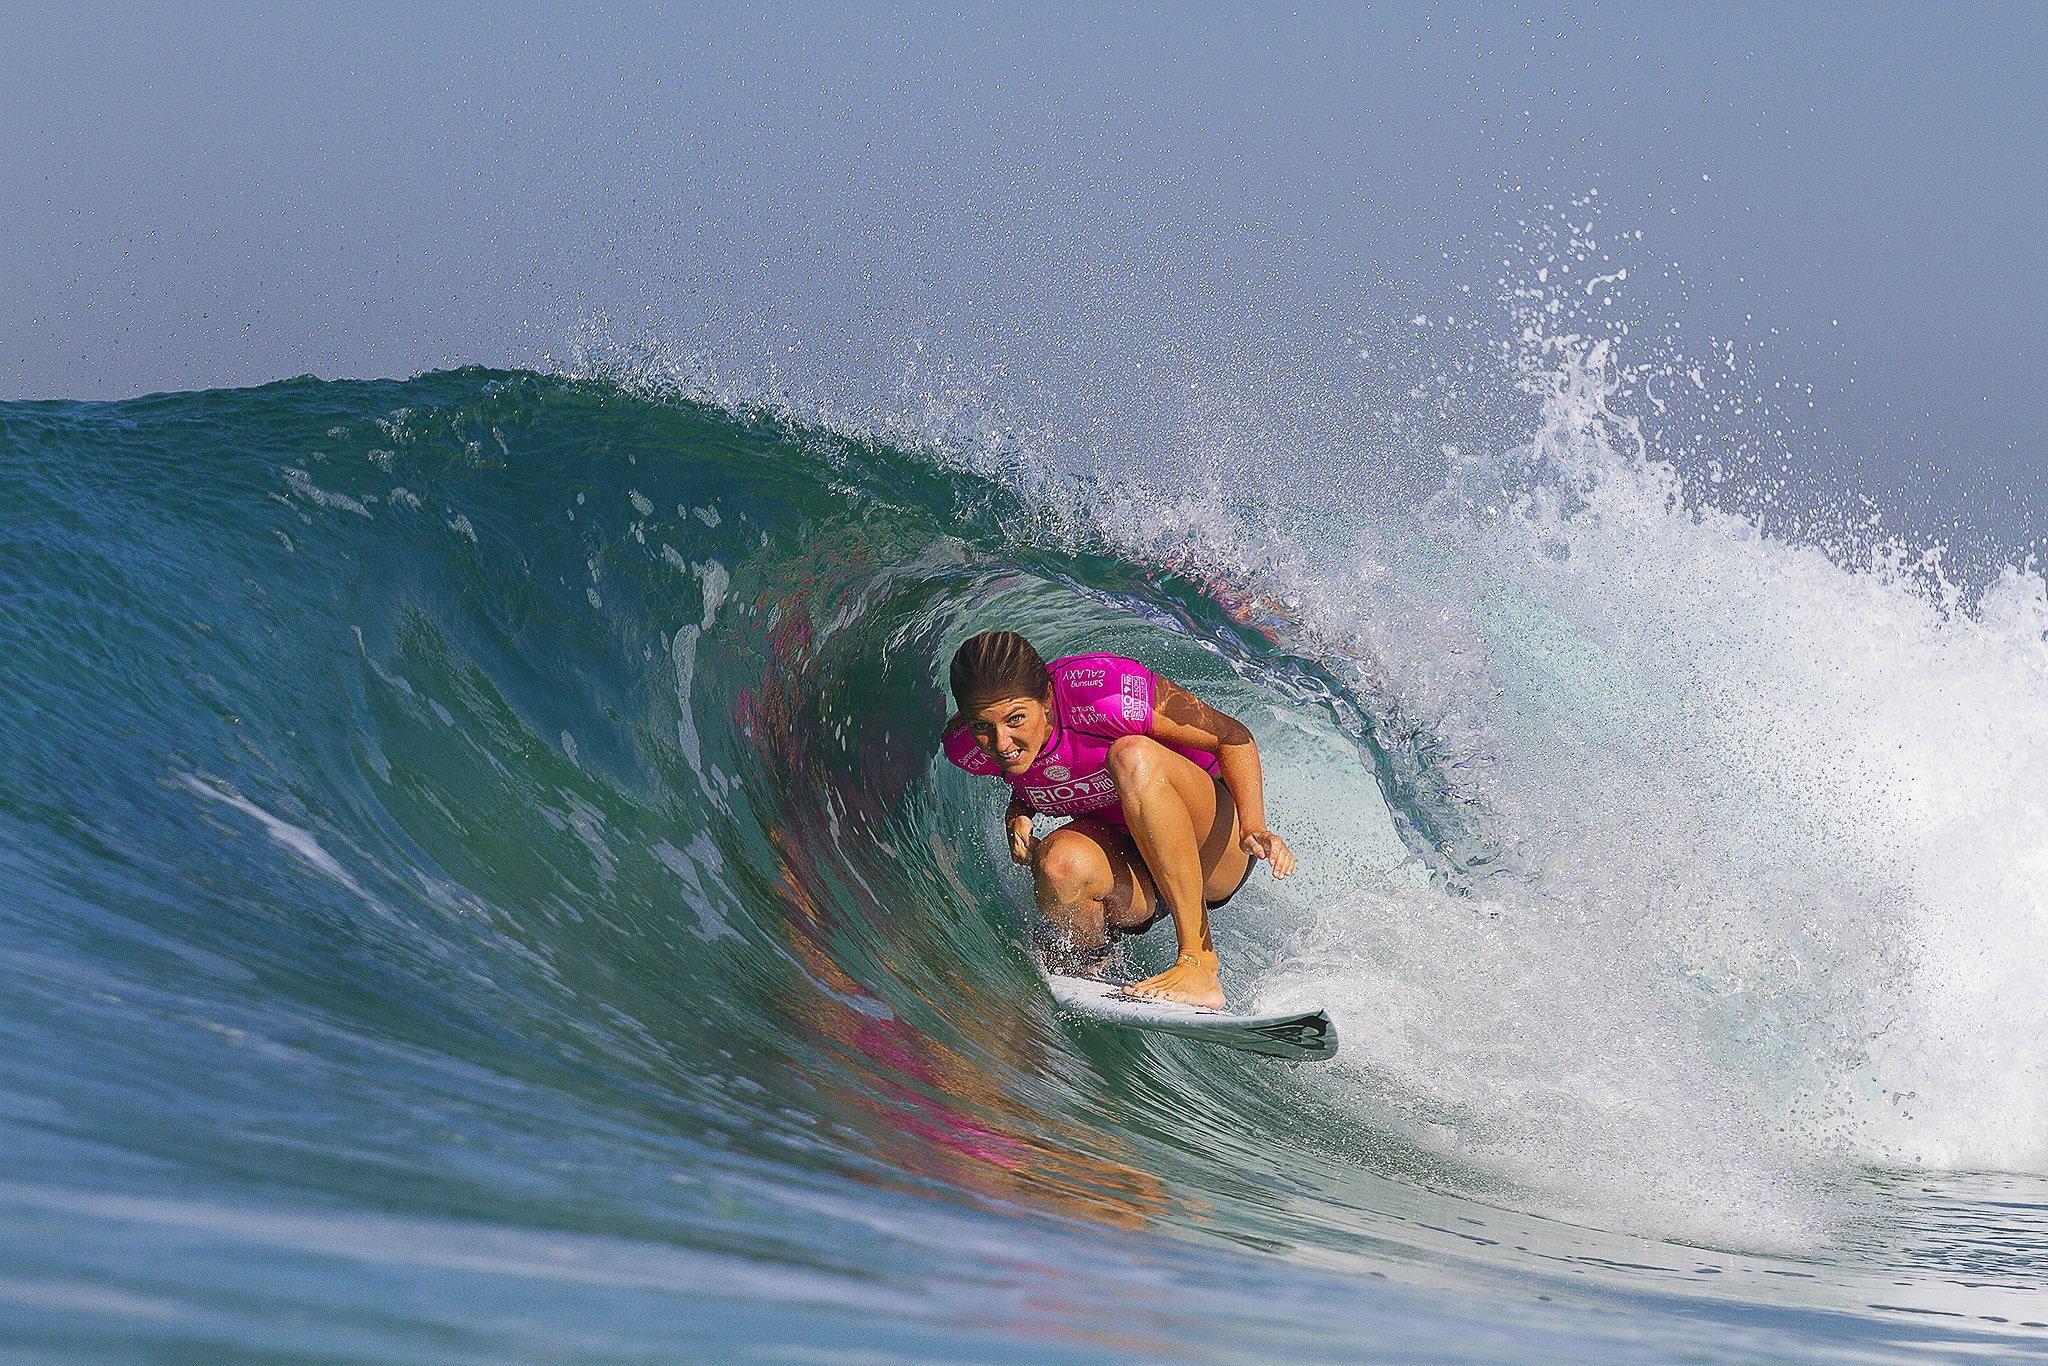 In derGuanabara-Bucht sollen 2016 die Surf- und Segelwettkämpfe der Olympischen Sommerspiele stattfinden. Das Problem: Bislang gelangen jeden Monat rund 330 Tonnen Müll in die Bucht – eine Gesundheitsgefahr für die Sportler.